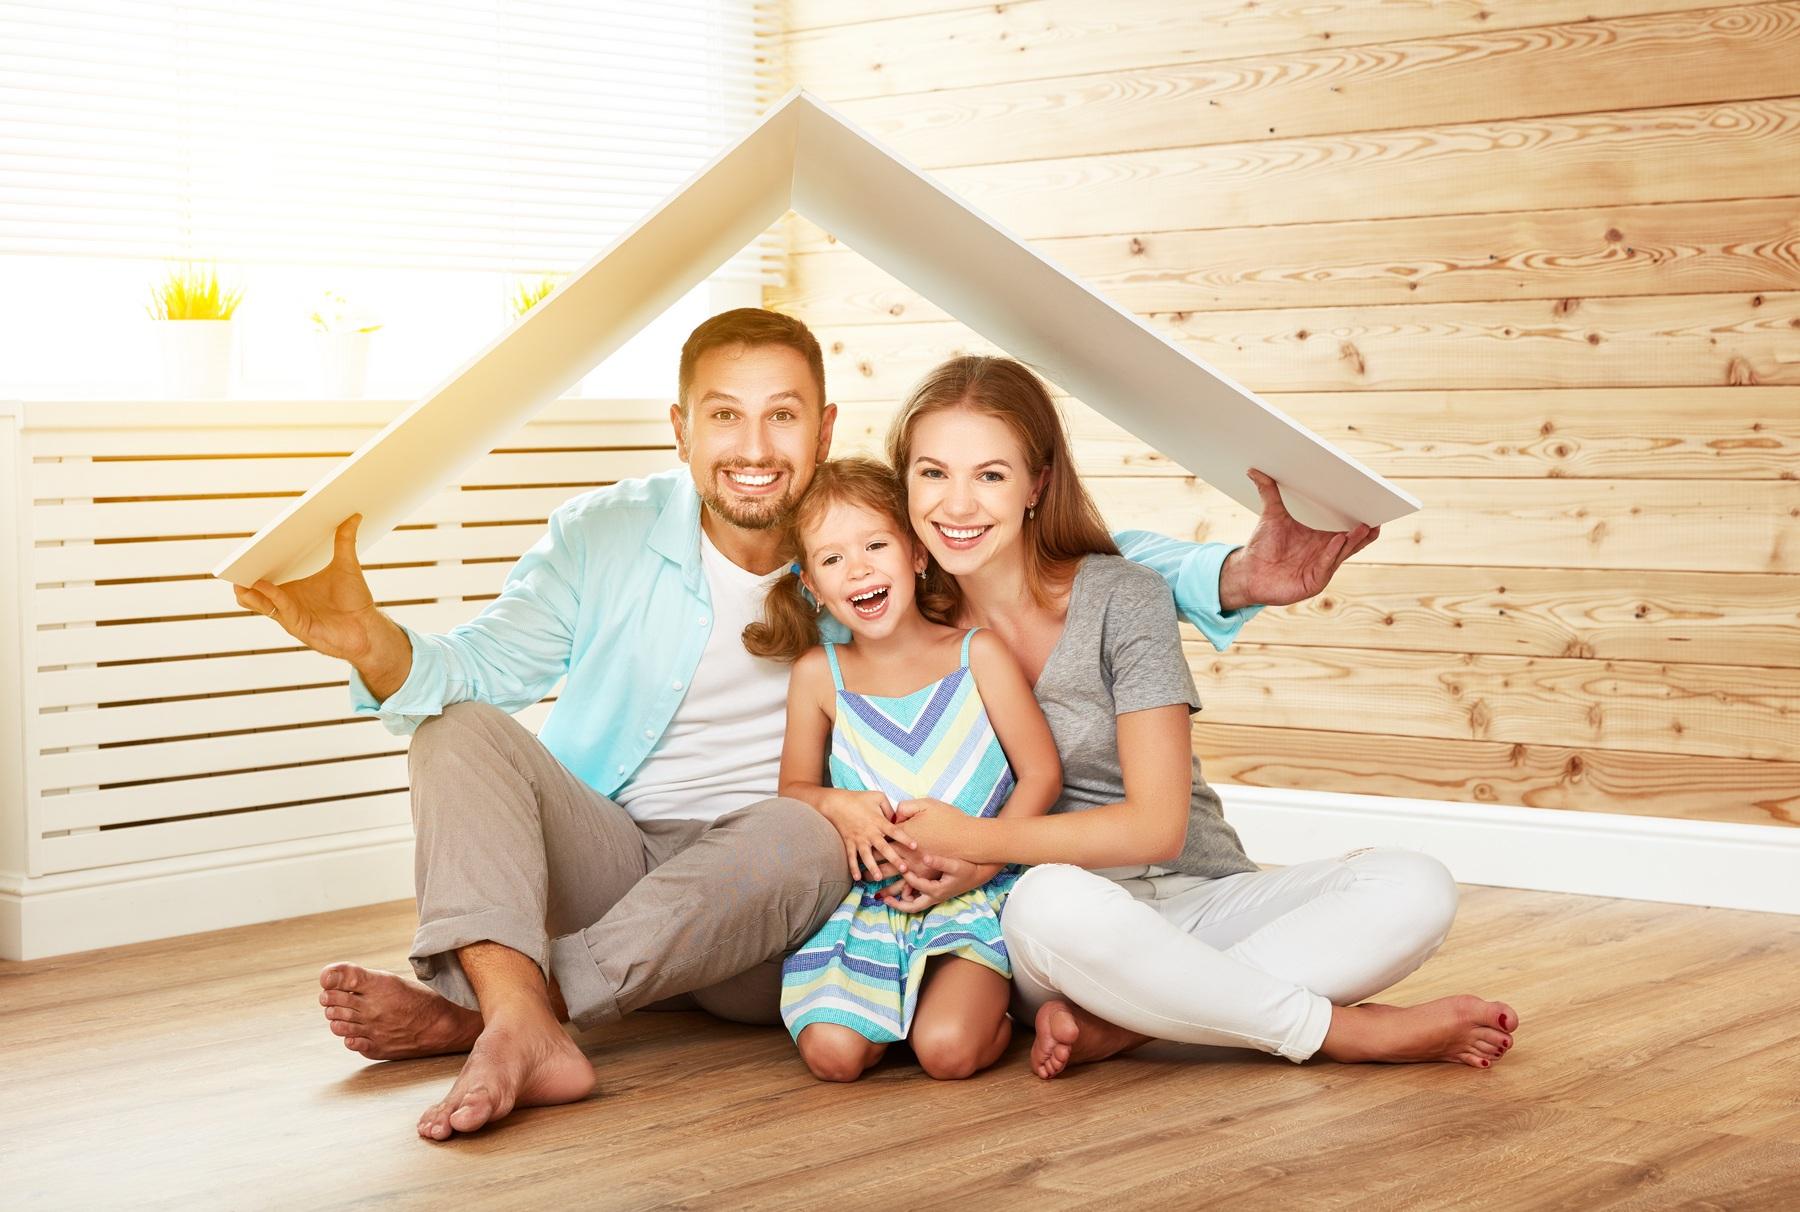 Картинка дом семья счастье